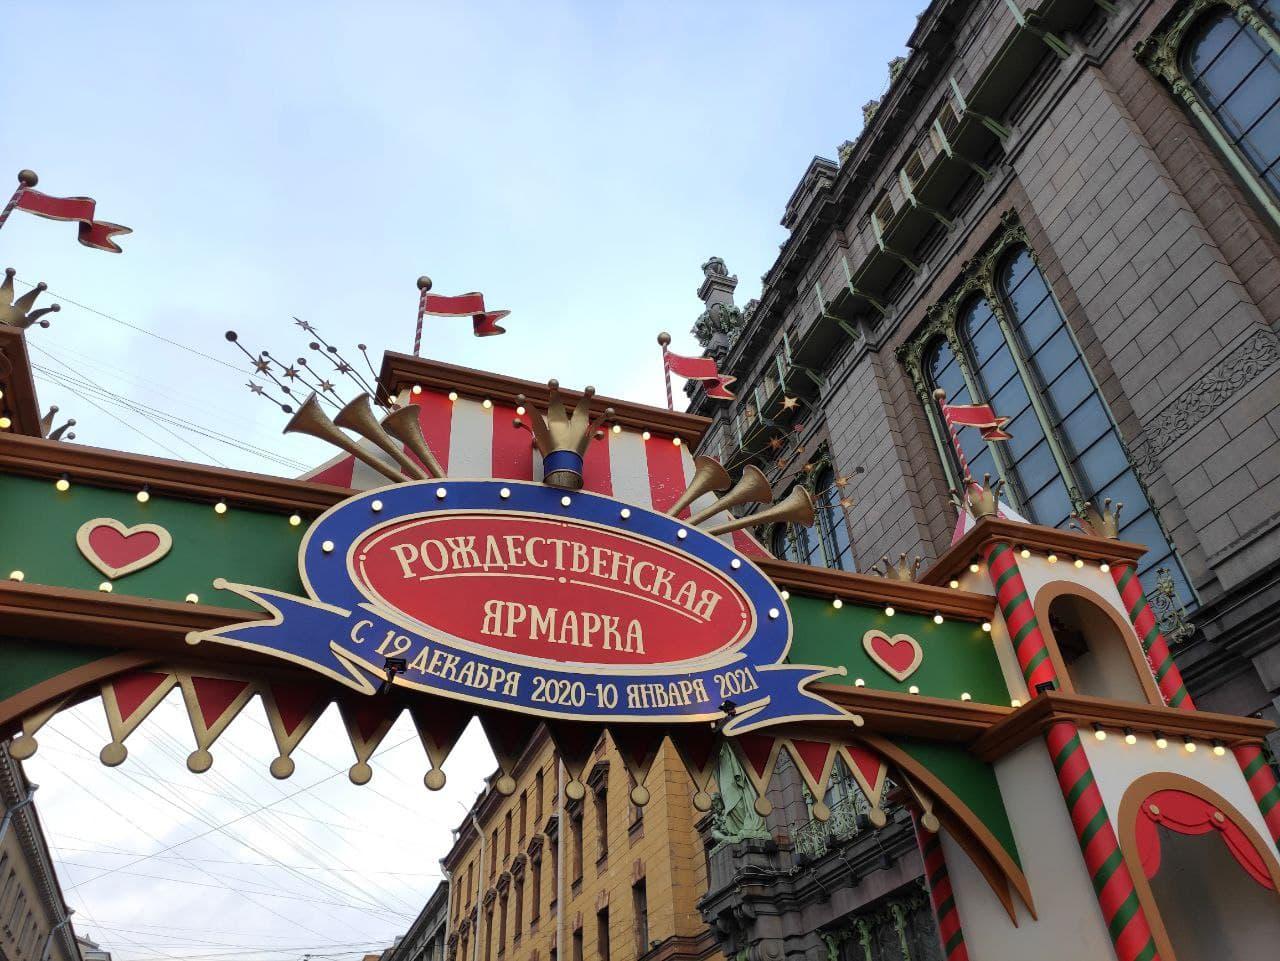 На Рождественской ярмарке, которая открылась 3 января, на Манежной площади, должна была быть установ...